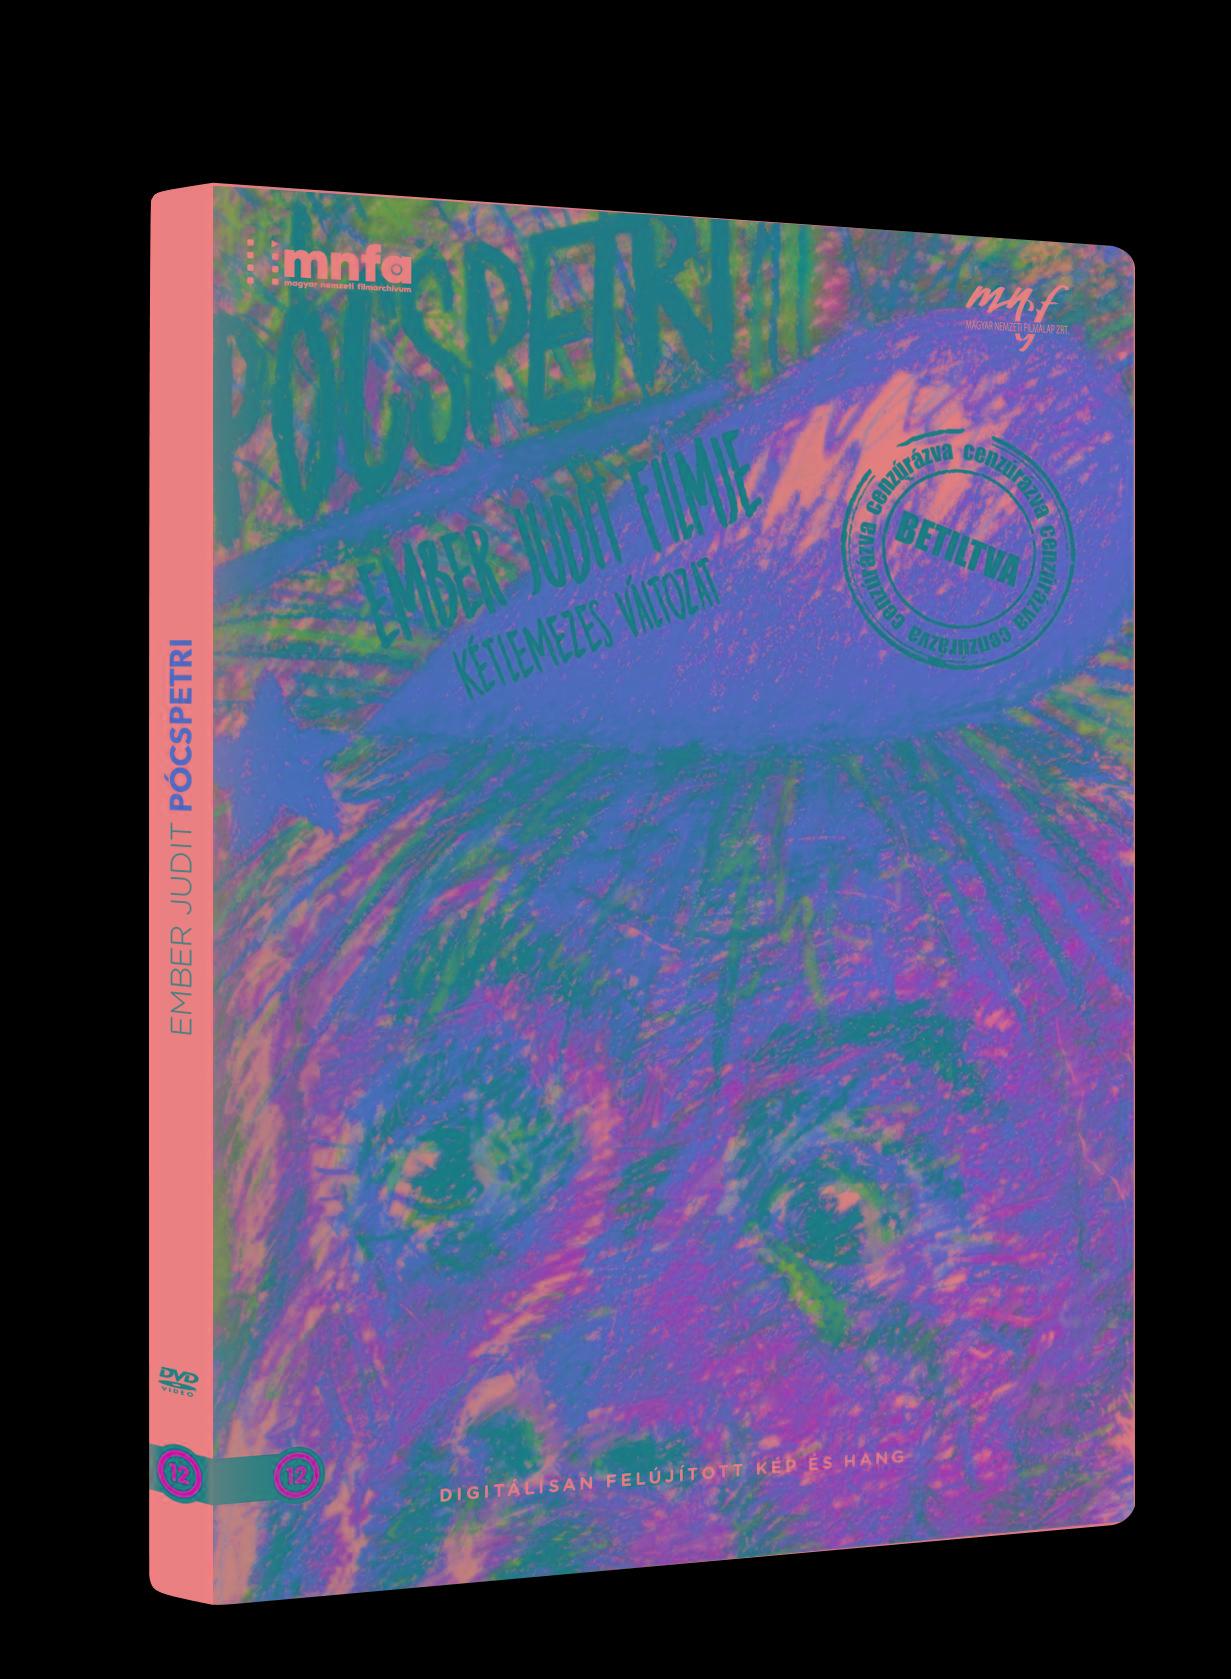 EMBER JUDIT - PÓCSPETRI (KÉTLEMEZES VÁLTOZAT) - DVD -